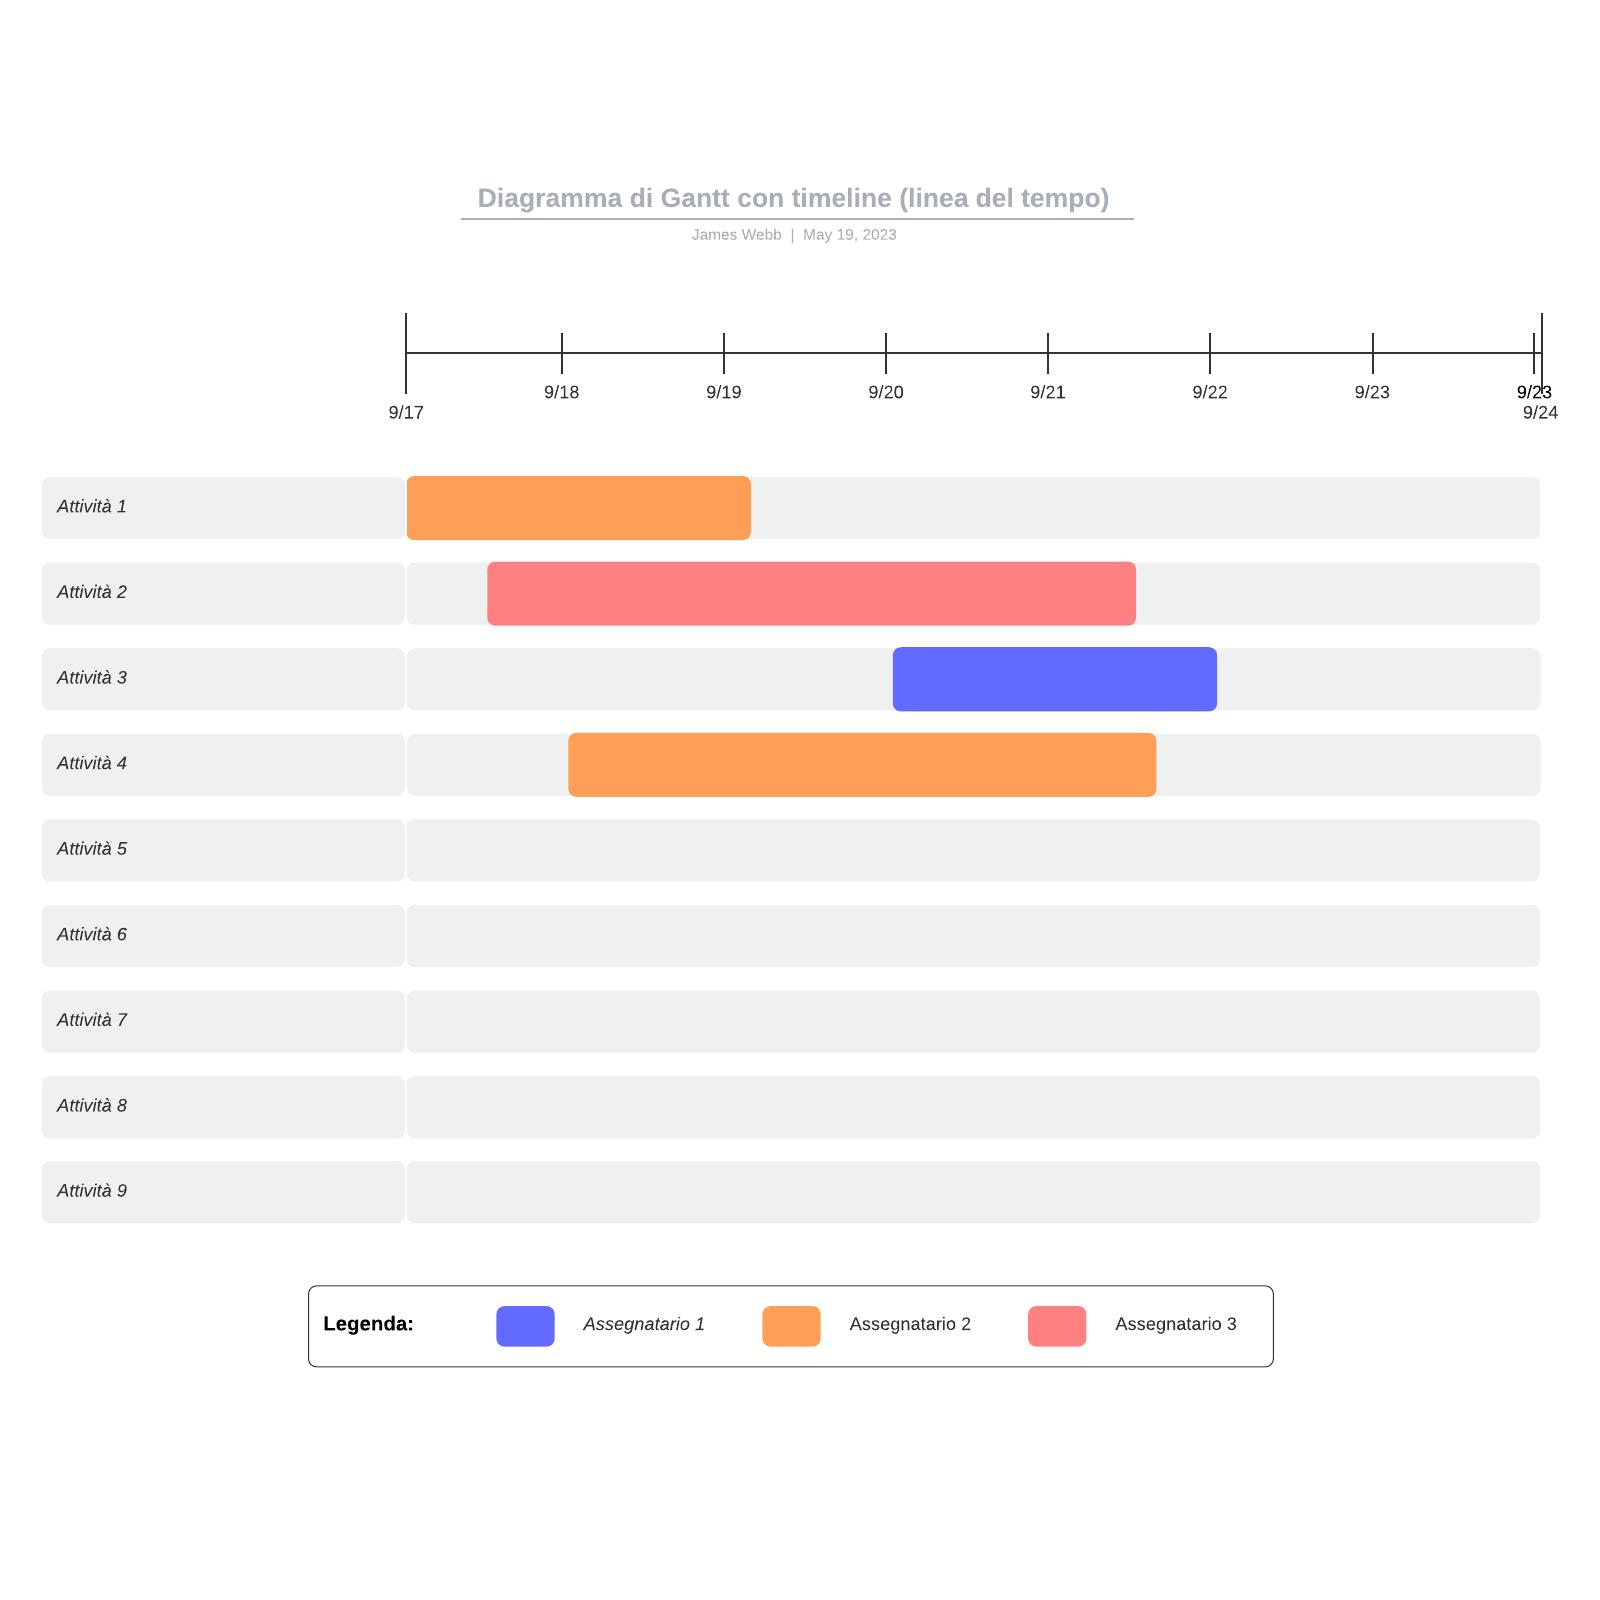 Diagramma di Gantt con timeline (linea del tempo)